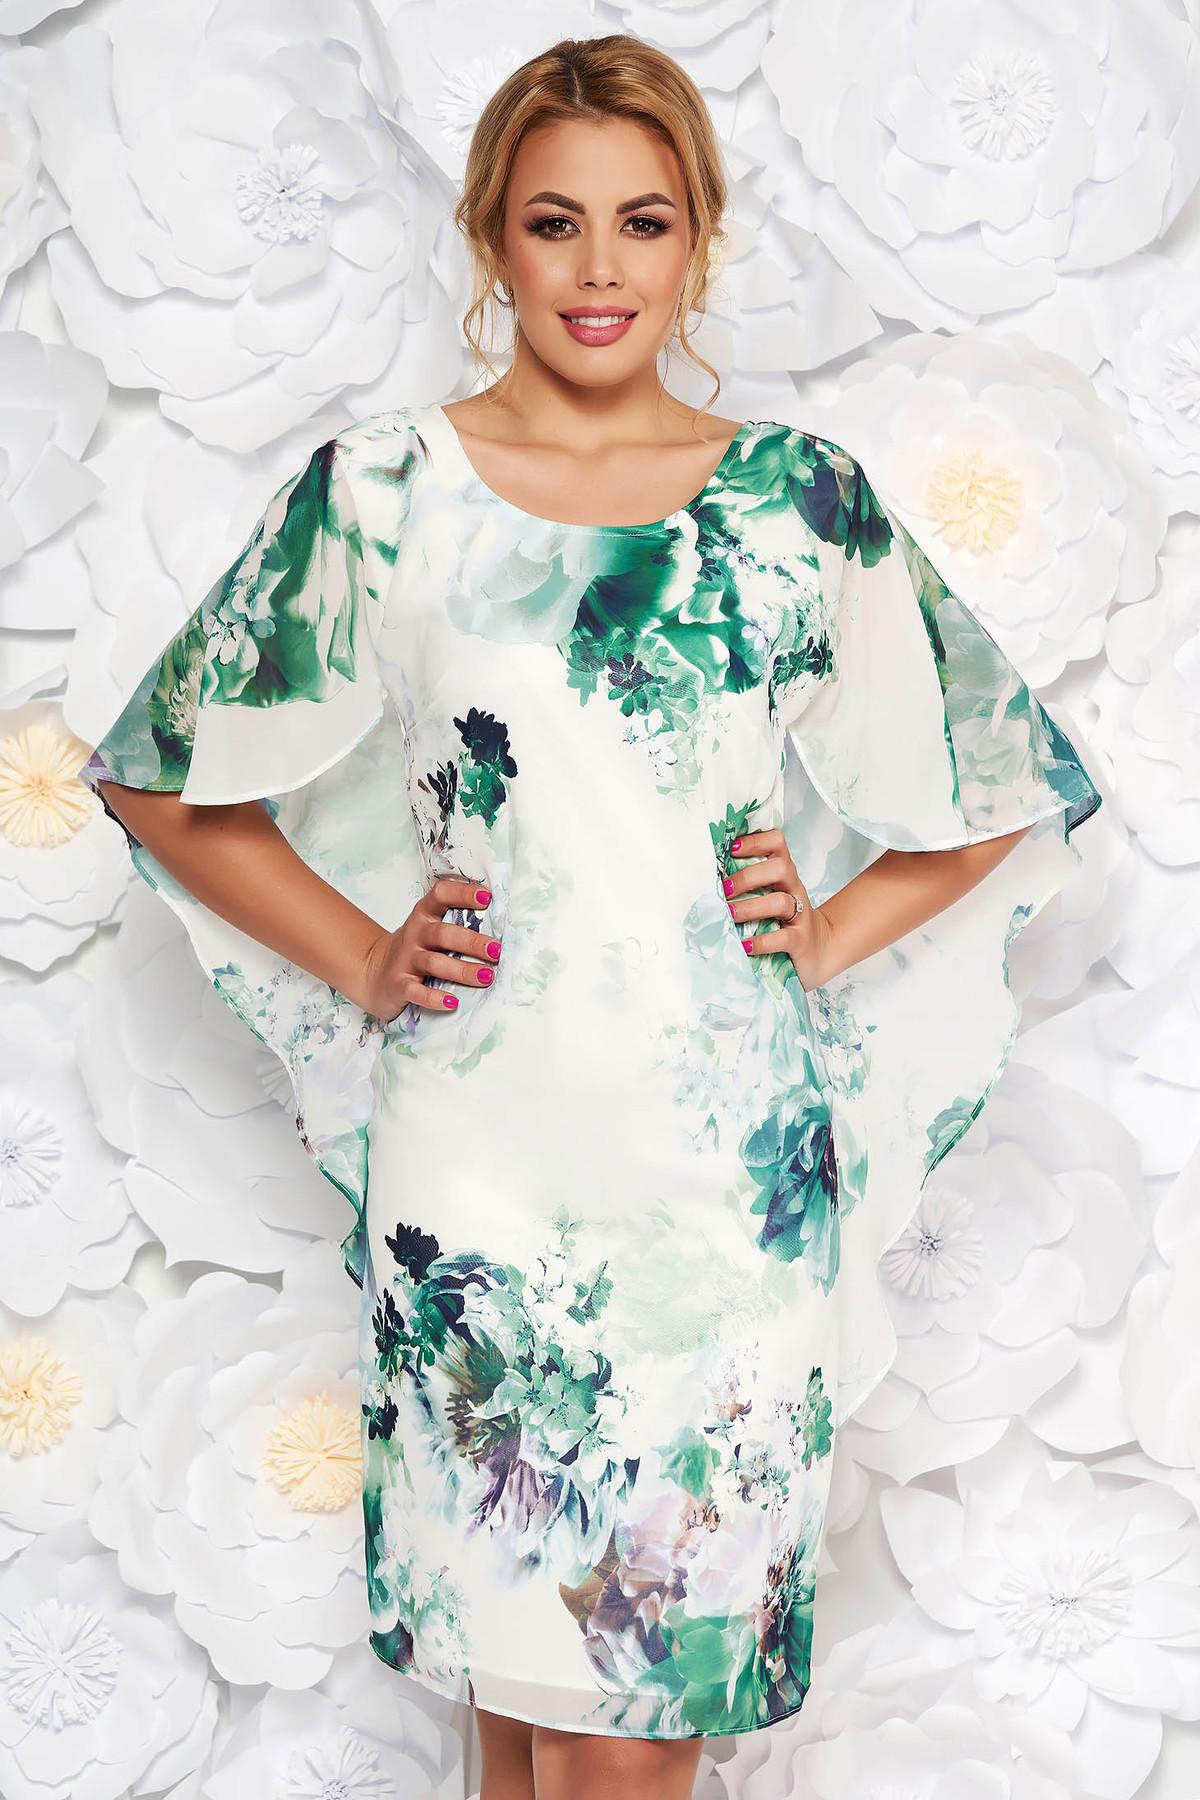 Rochie verde-deschis eleganta din voal cu imprimeu floral cu un croi mulat cu suprapunere de material